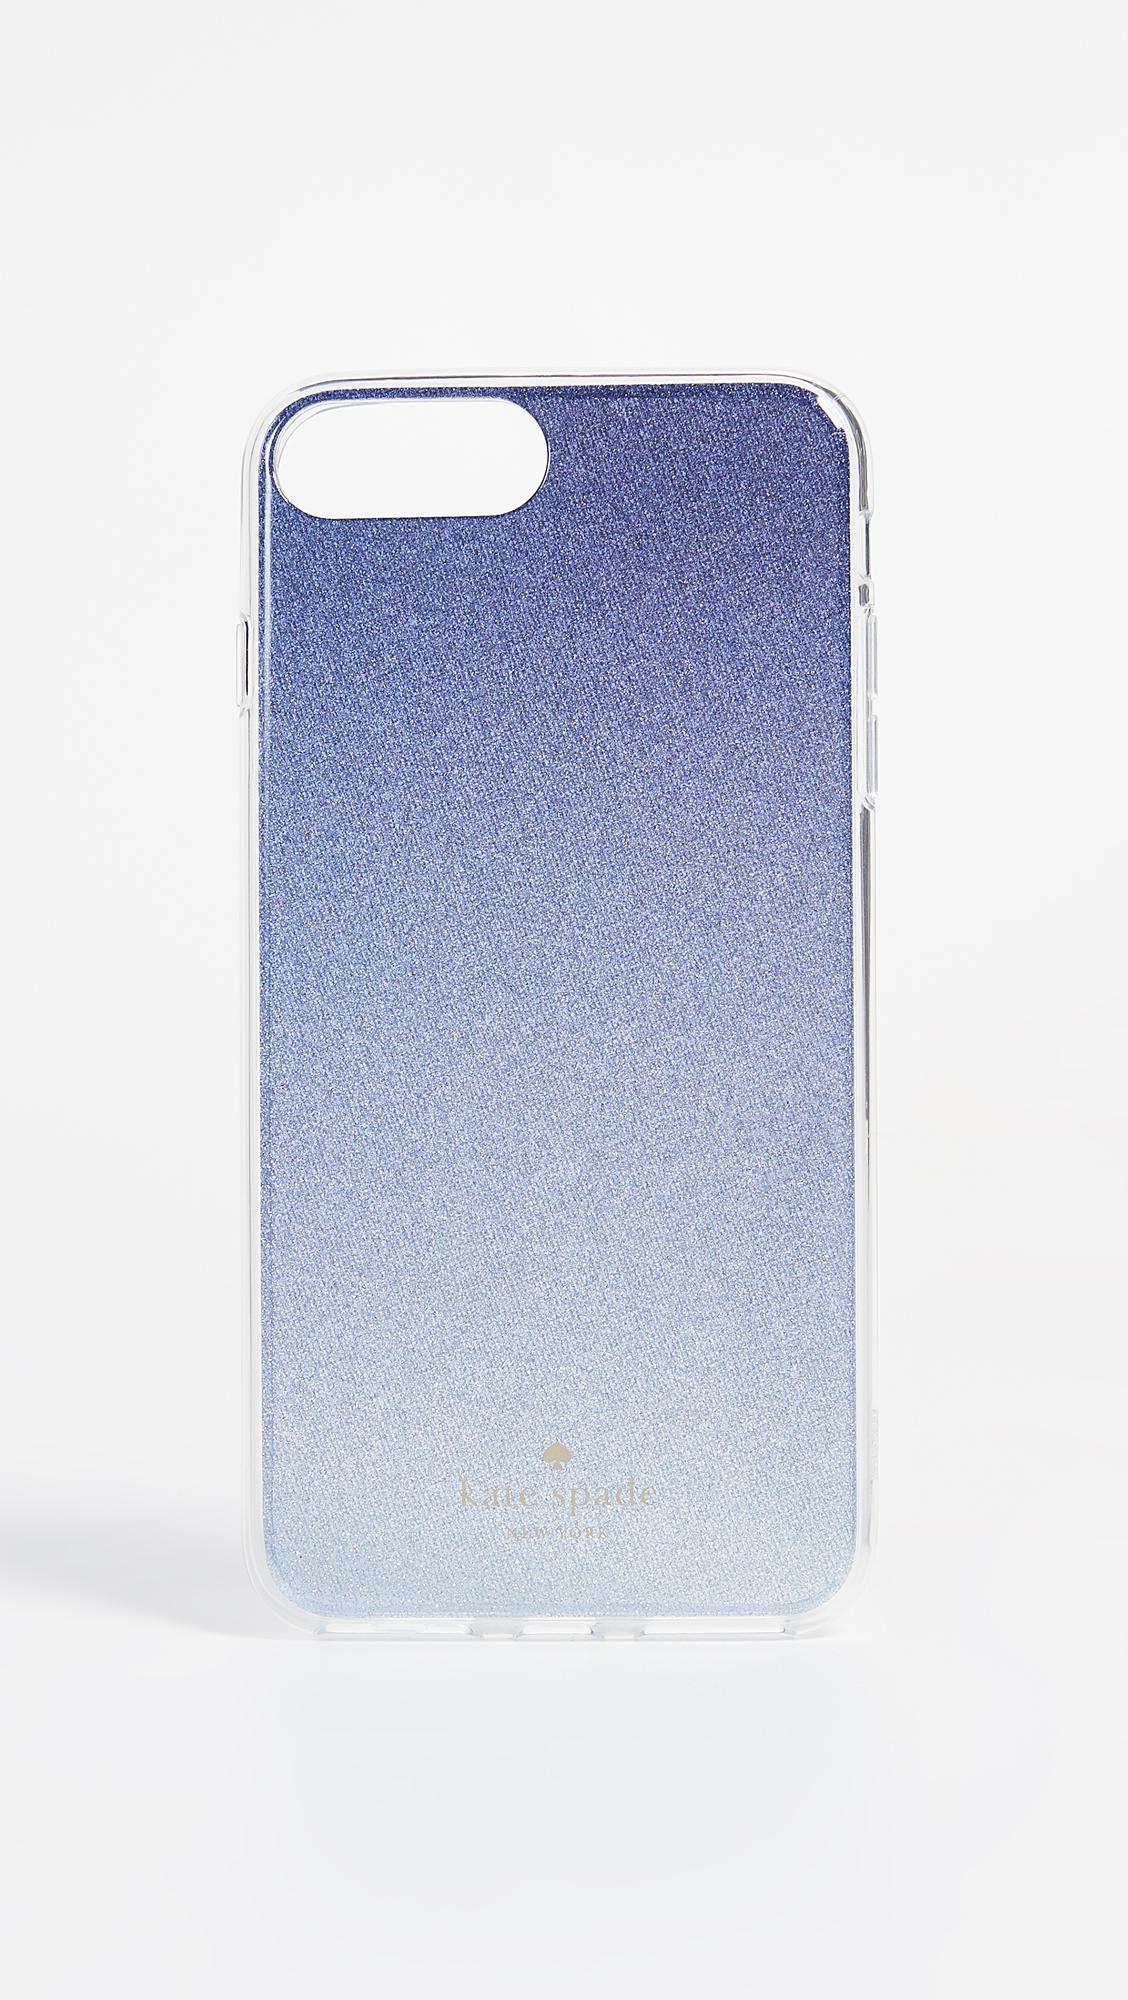 Lyst - Kate Spade Glitter Ombre Iphone 7 Plus   8 Plus Case in Blue 516fd6992e